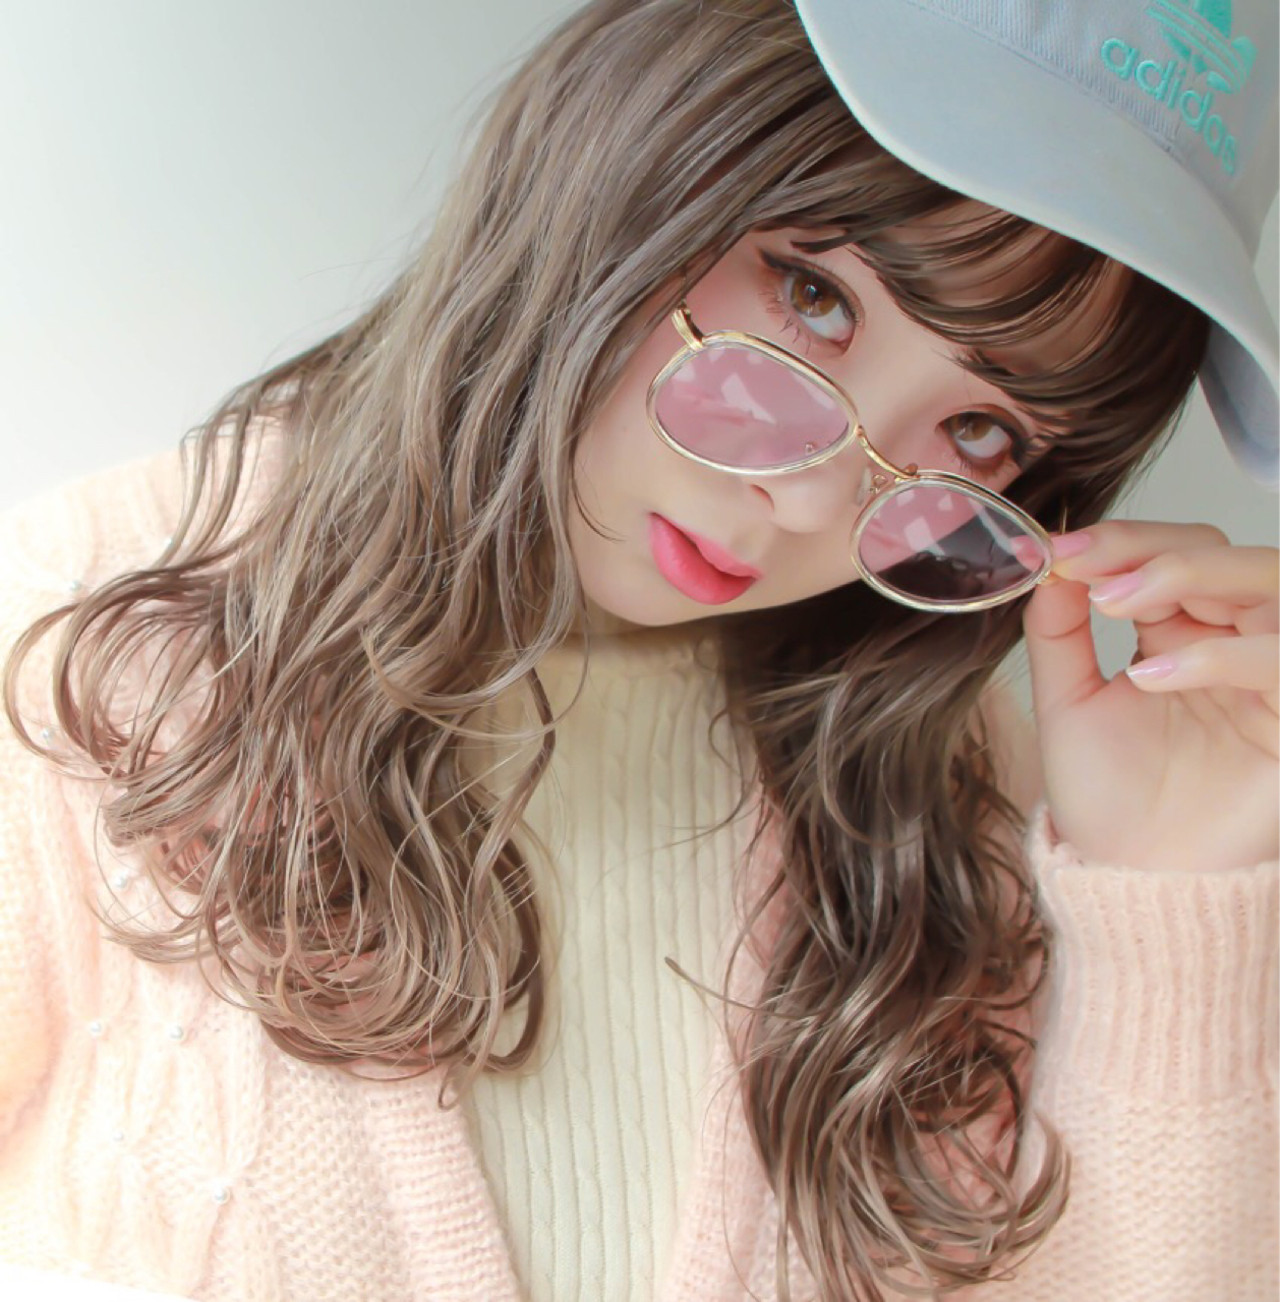 かわいいヘアスタイルまとめ♡今一番旬な女の子の髪型はこれ♪ 高沼 達也 / byトルネード